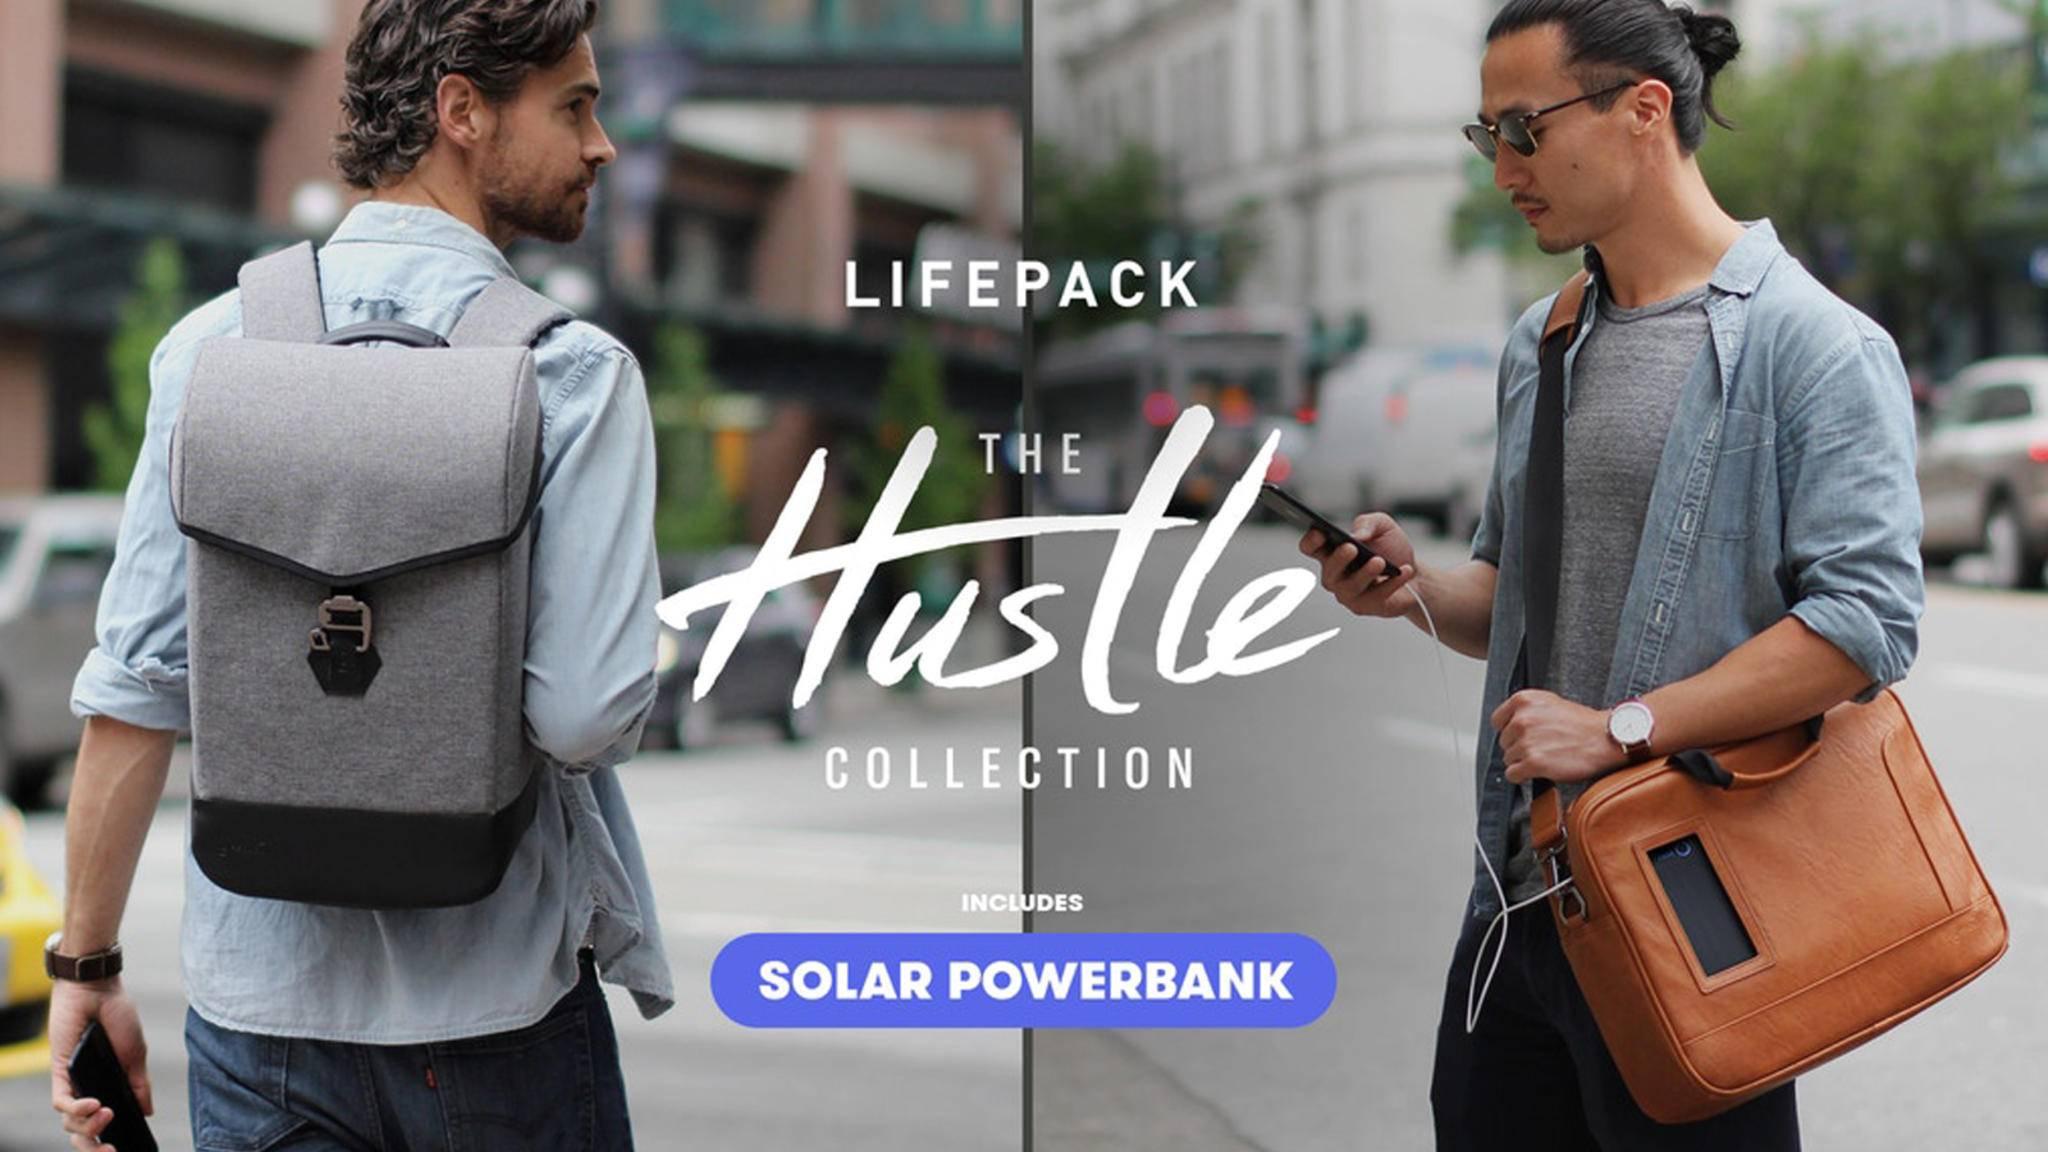 Die Taschen aus der Lifepack Hustle-Kollektion sind in zwei Varianten und sechs verschiedenen Designs zu haben.